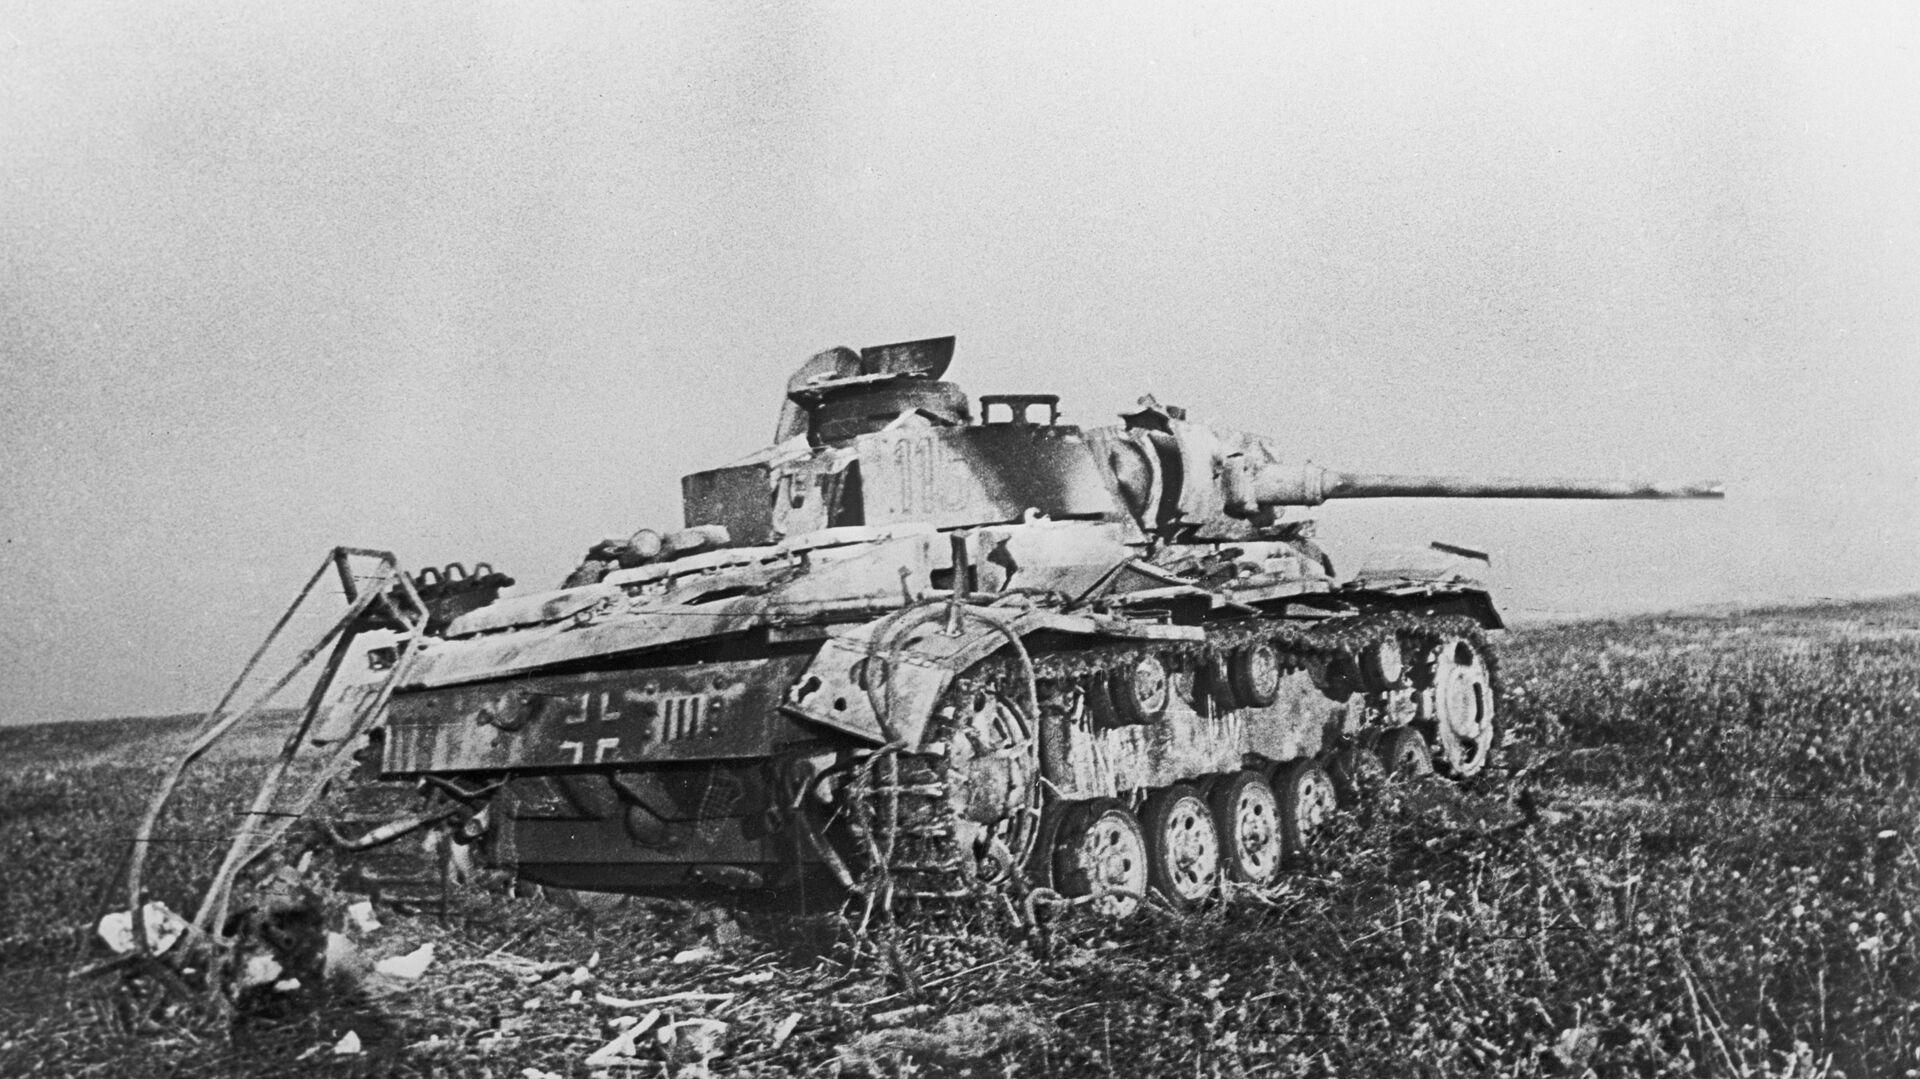 Подбитый фашистский танк в районе станции Прохоровка в ходе сражения на Курской дуге в 1943 году - РИА Новости, 1920, 16.10.2020